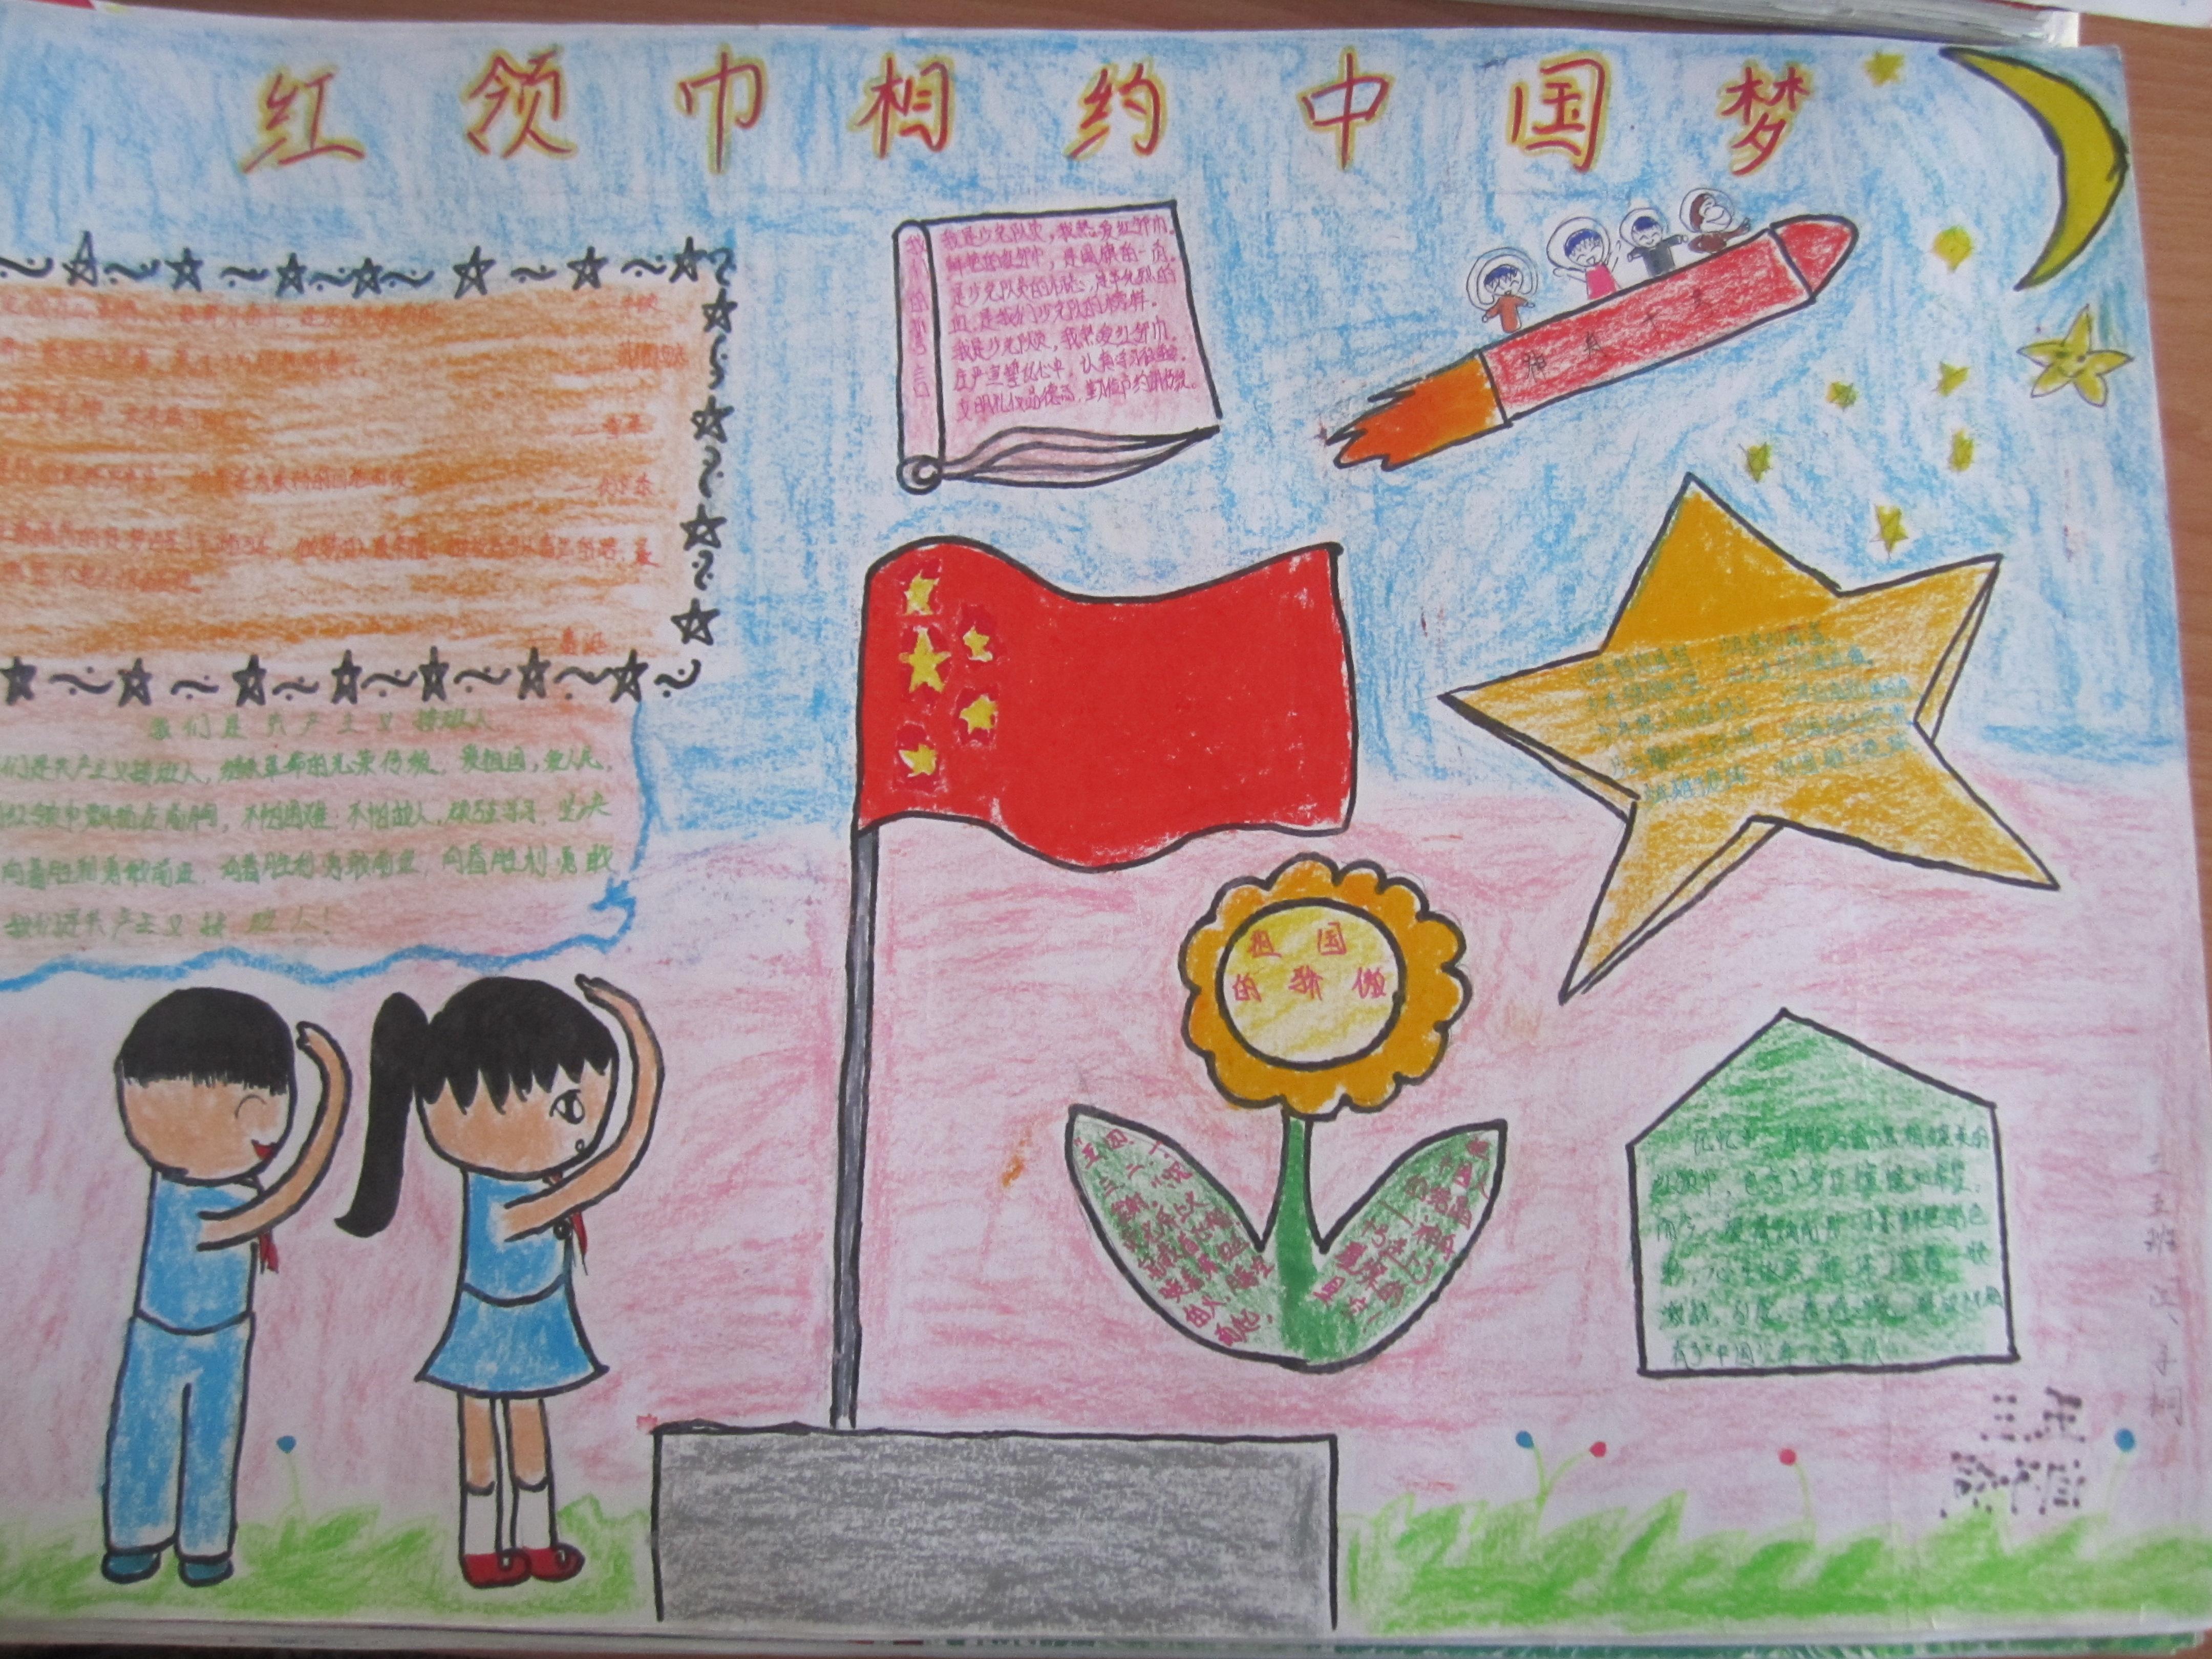 红领巾小报5103a4儿童节电子小报成品,六一简报报刊简报,我爱红领巾手图片